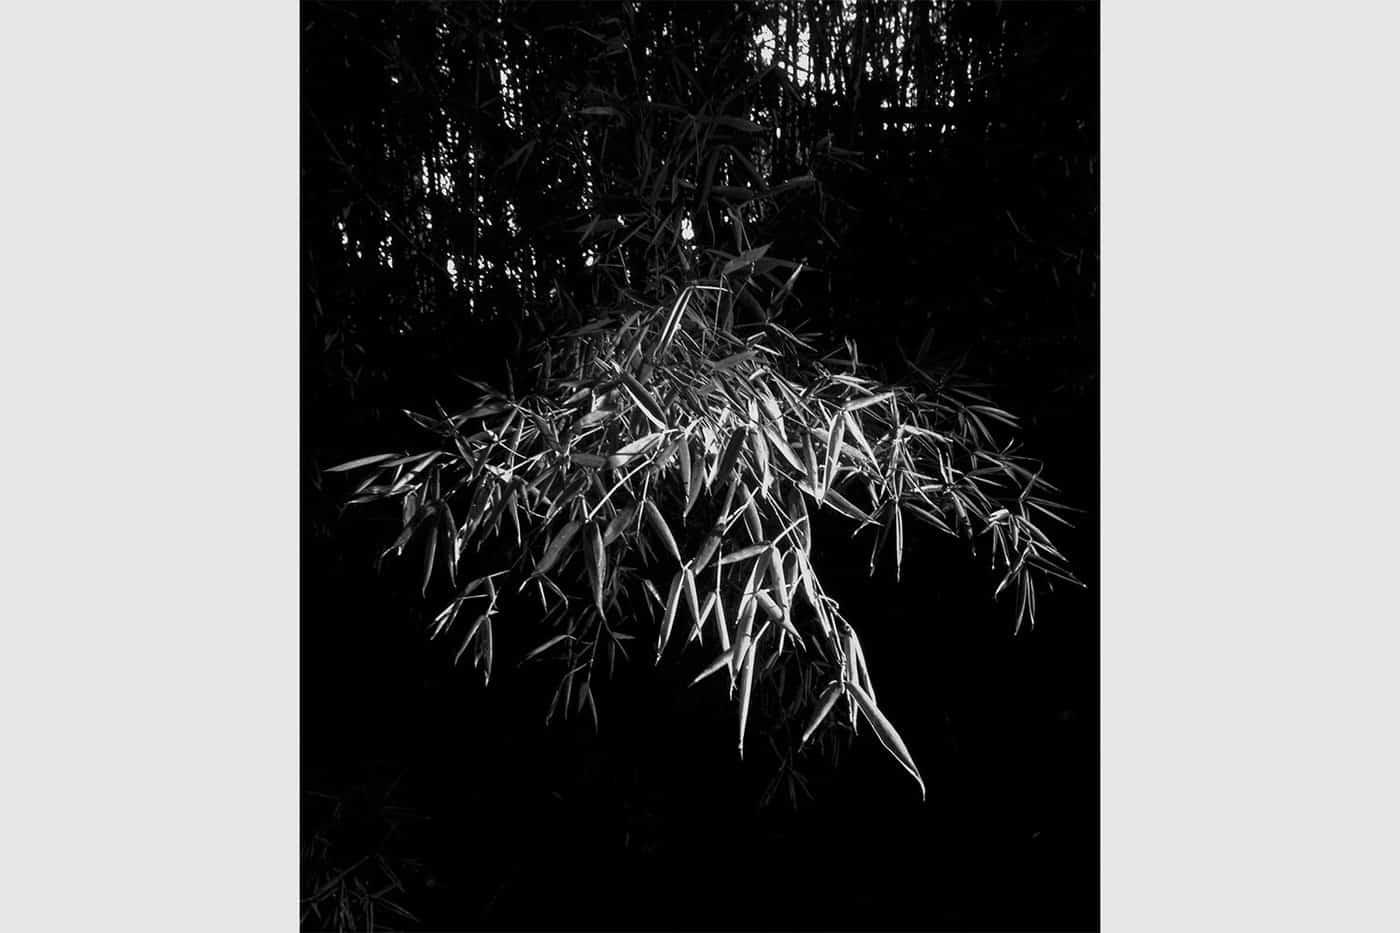 Cada mañana, los rayos de sol le dan protagonismo a algunos personajes de mi jardín, entre ellos, esta rama de bambú. Carolina Bello.